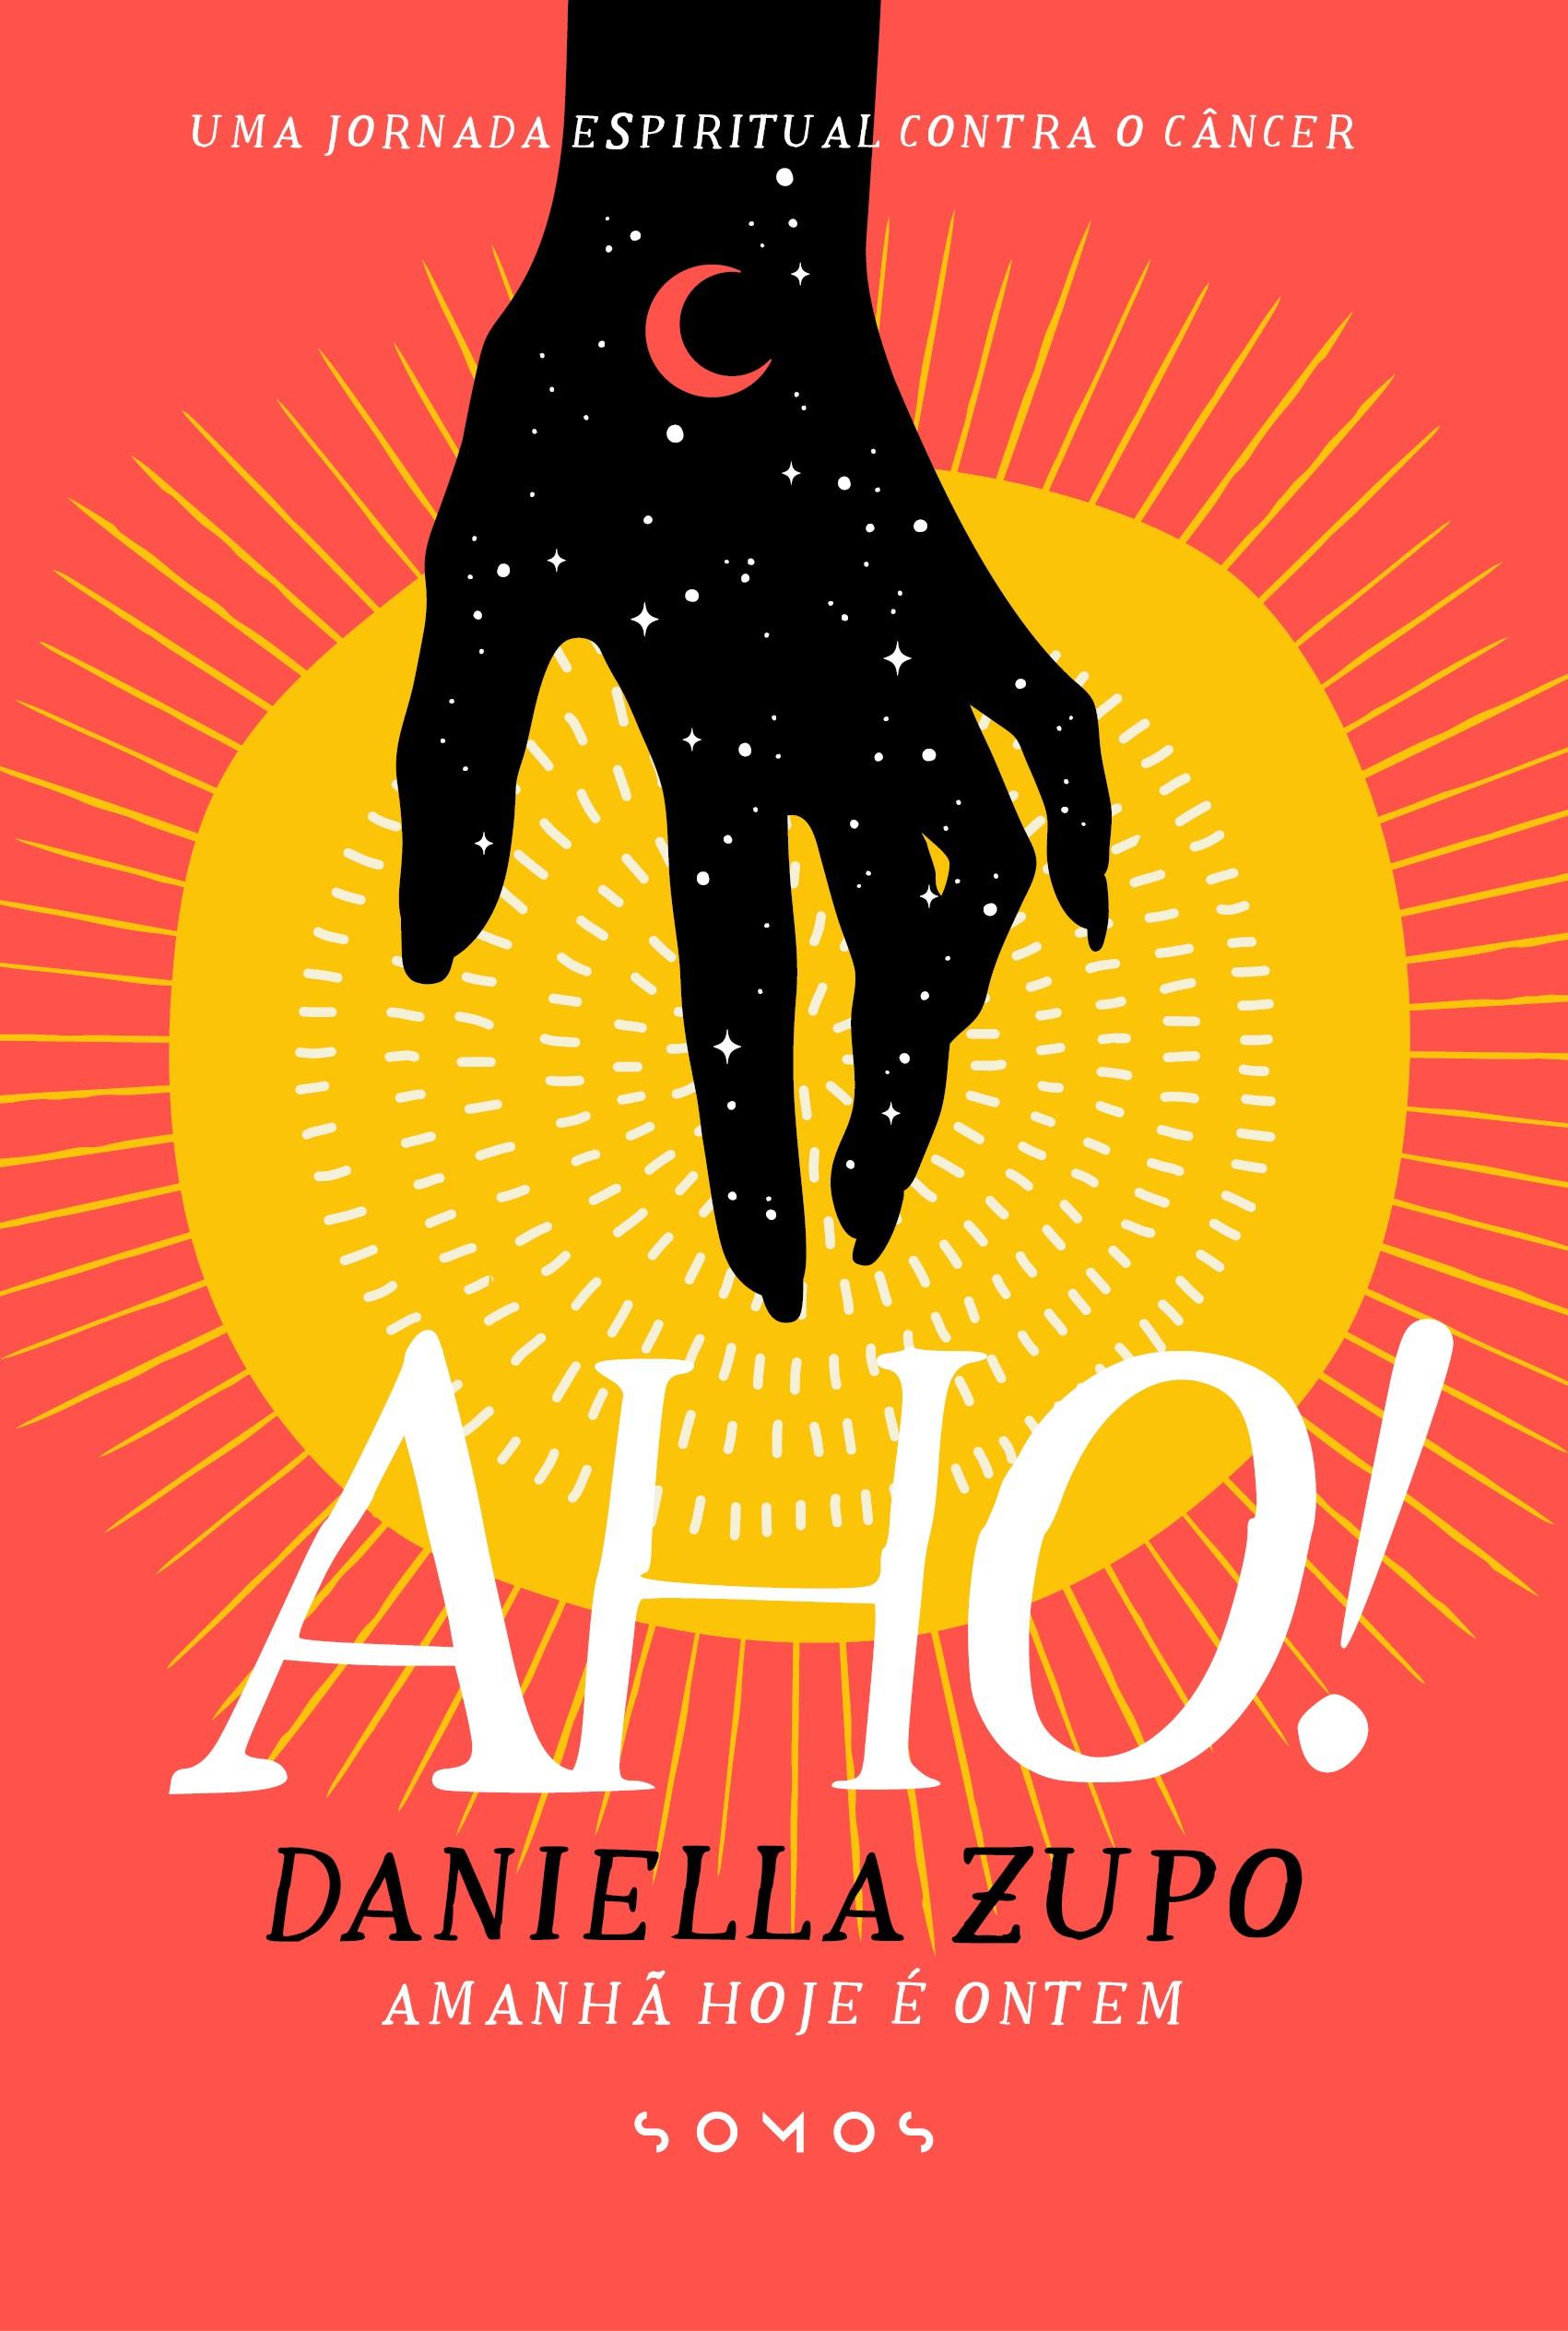 """A brasileira Danielle Zupo também figura entre os autores jornalistas da rodada, com o livro """"Amanhã Hoje É Ontem"""", um relato sobre sua jornada após receber o diagnóstico de câncer de mama (Foto: Reprodução)"""